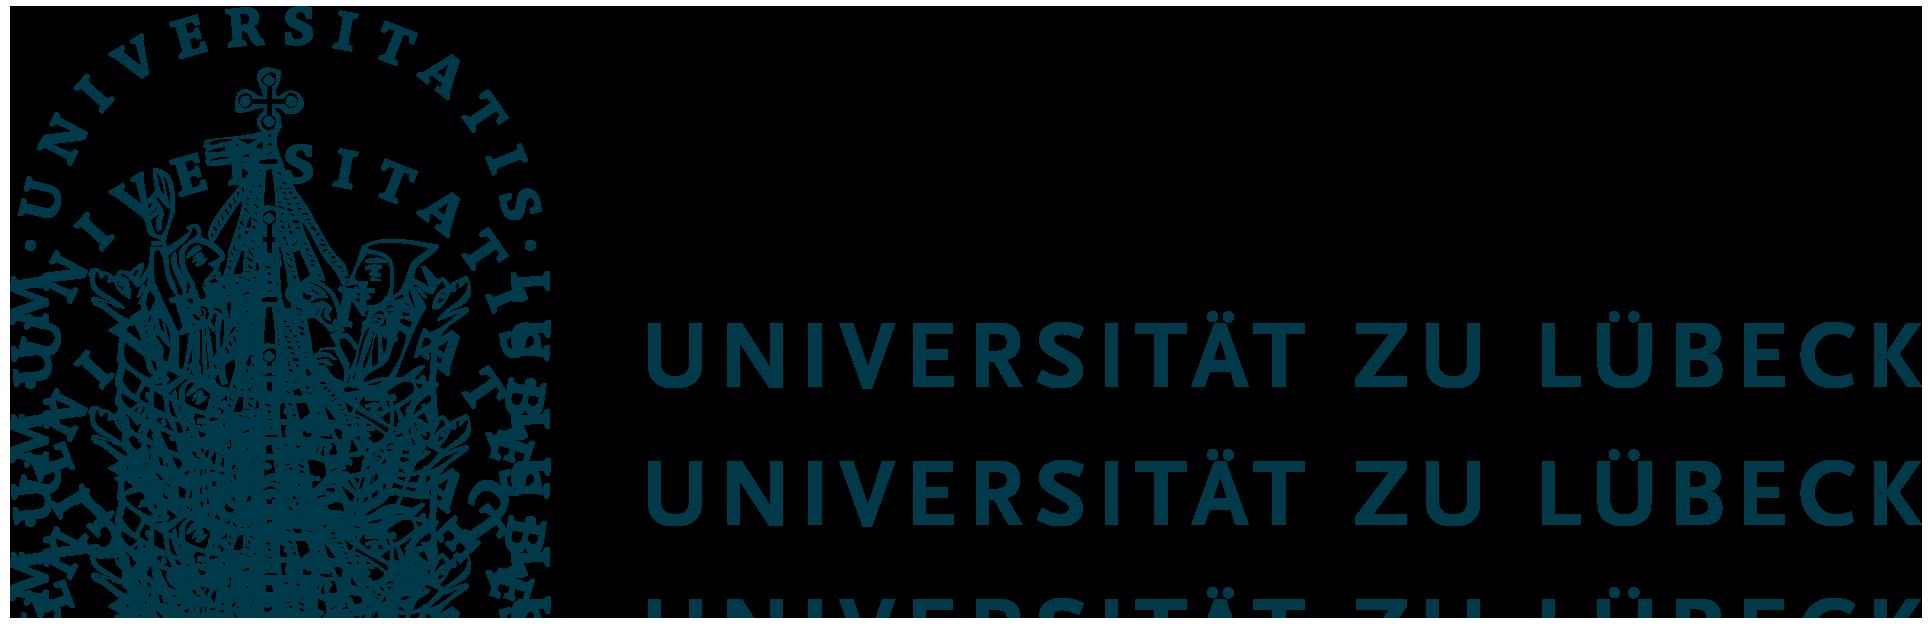 Wissenschaftlicher Mitarbeiter (m/w/d) im Bereich E-Government - Universität zu Lübeck - Logo